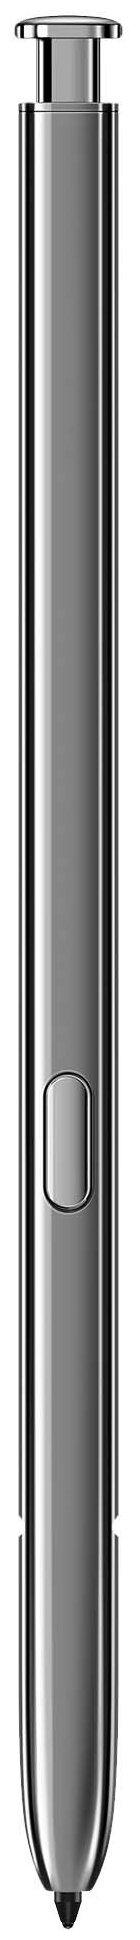 Samsung Galaxy Note 20 8/256GB - вес: 195г